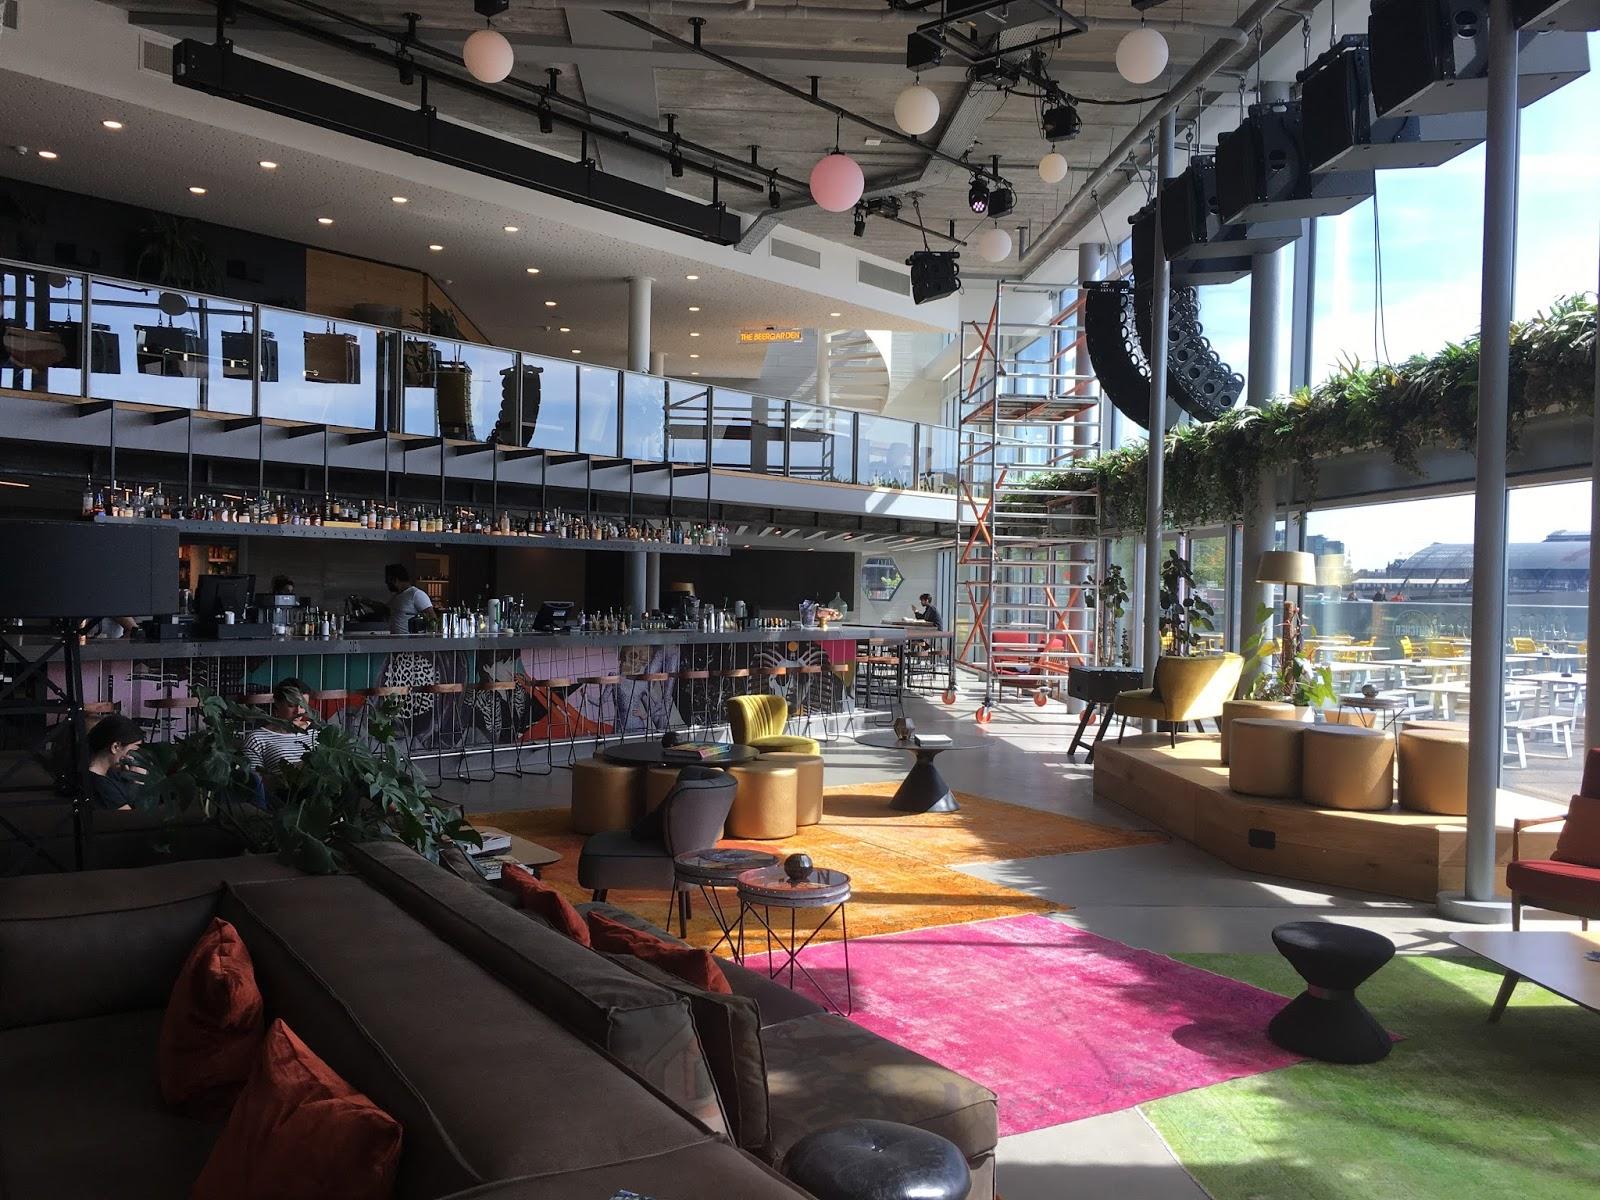 Hoteltraum geheimtipp sir adam hotel amsterdam niederlande for Design hotel niederlande